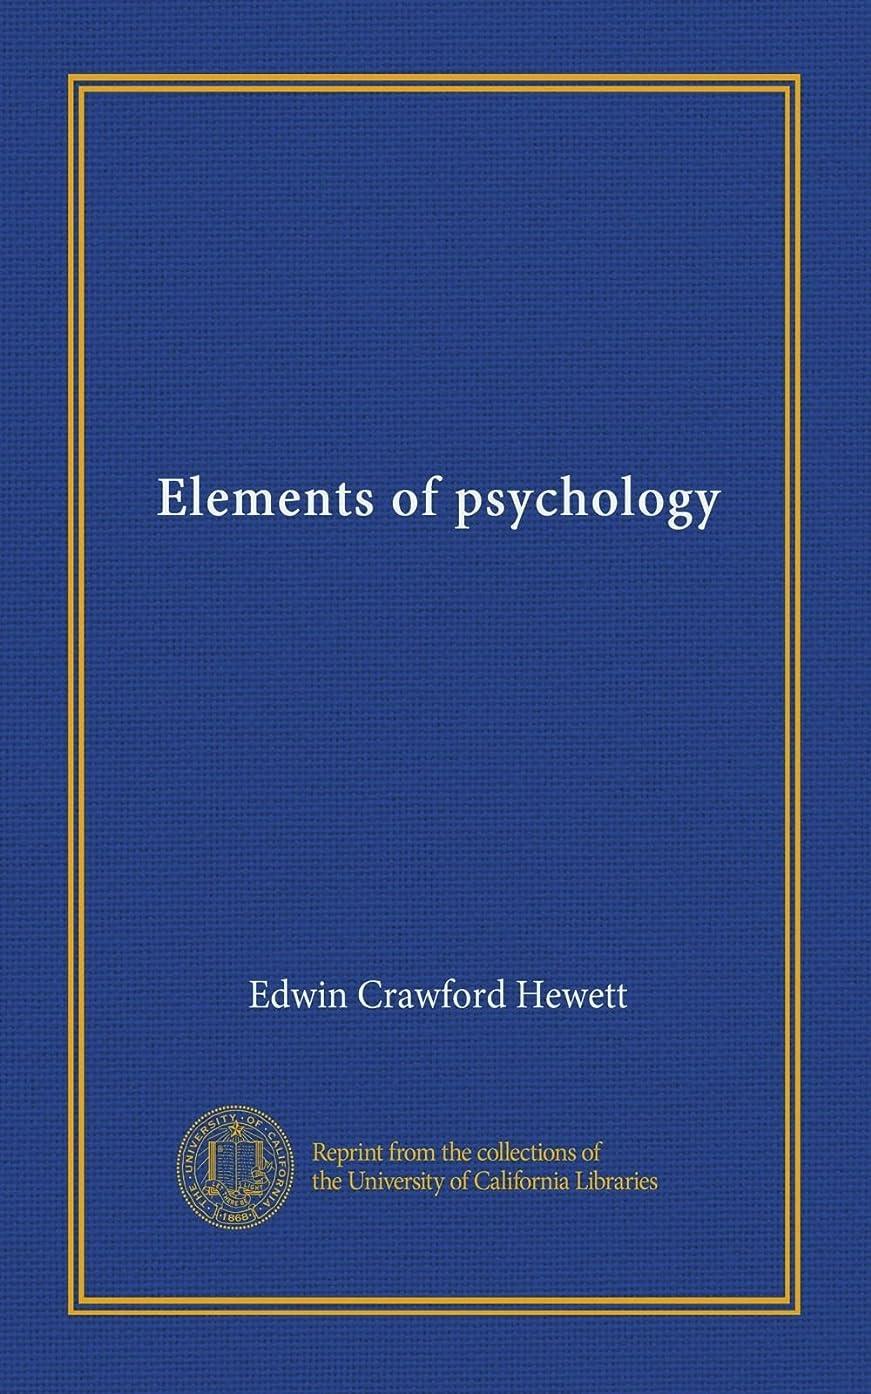 従順再生的バックグラウンドElements of psychology